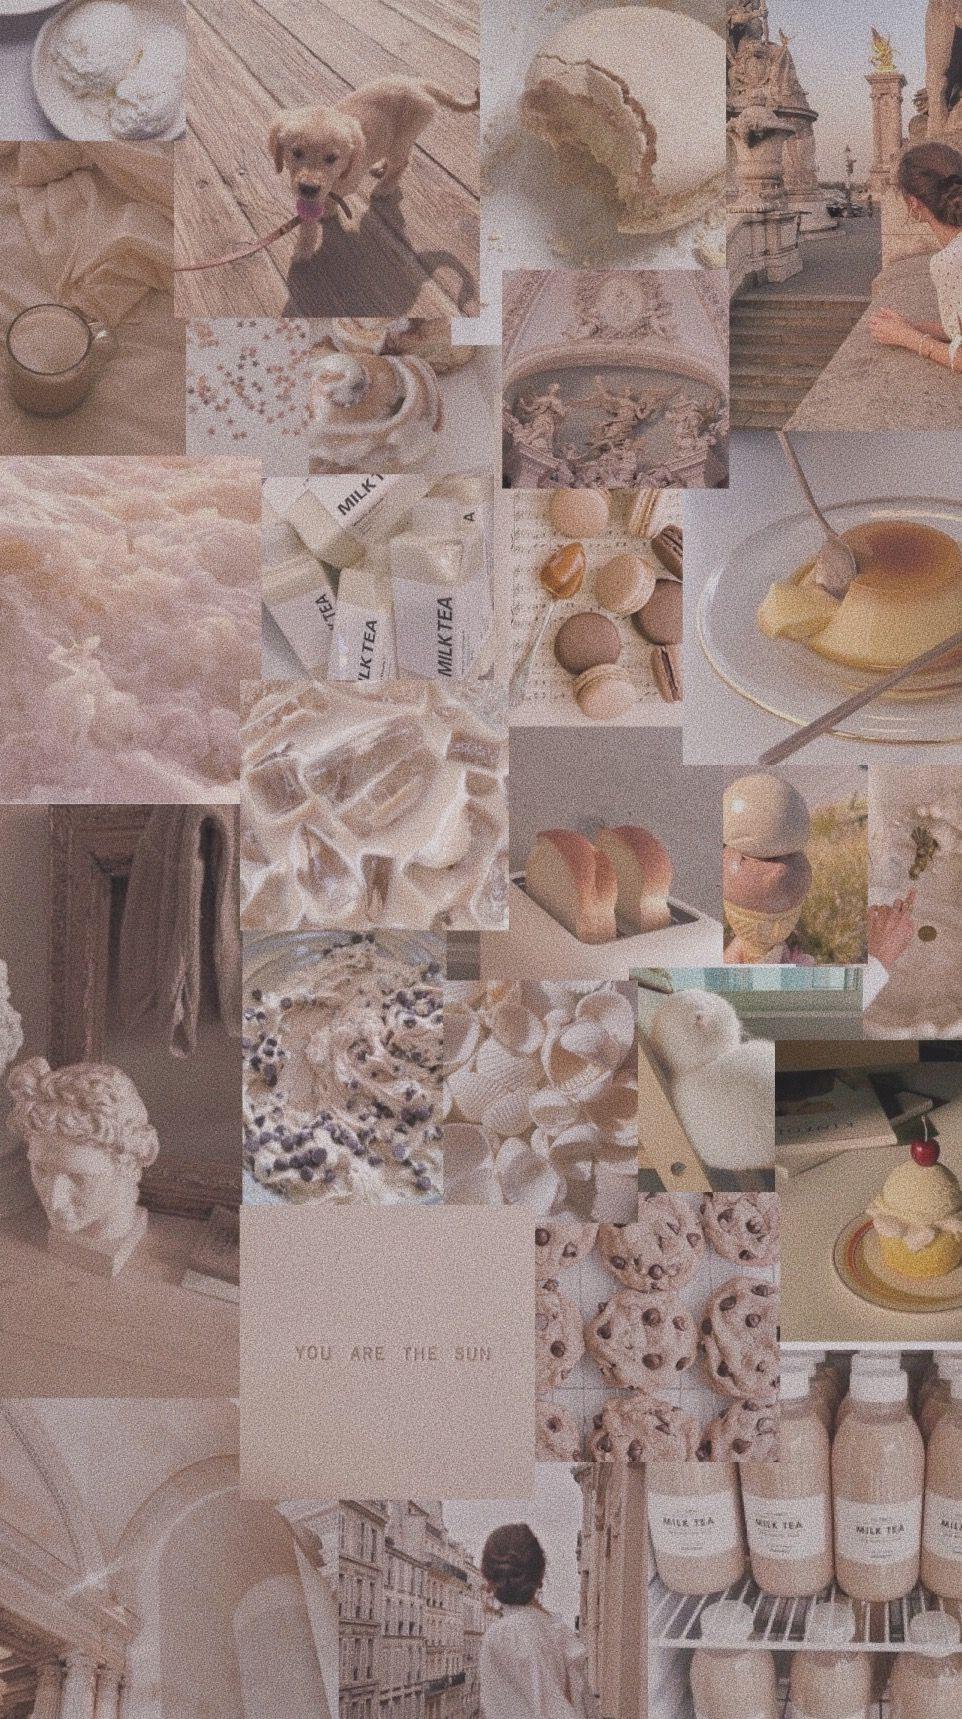 Cream Aesthetic Wallpaper Cream Aesthetic Aesthetic Desktop Wallpaper Aesthetic Wallpapers